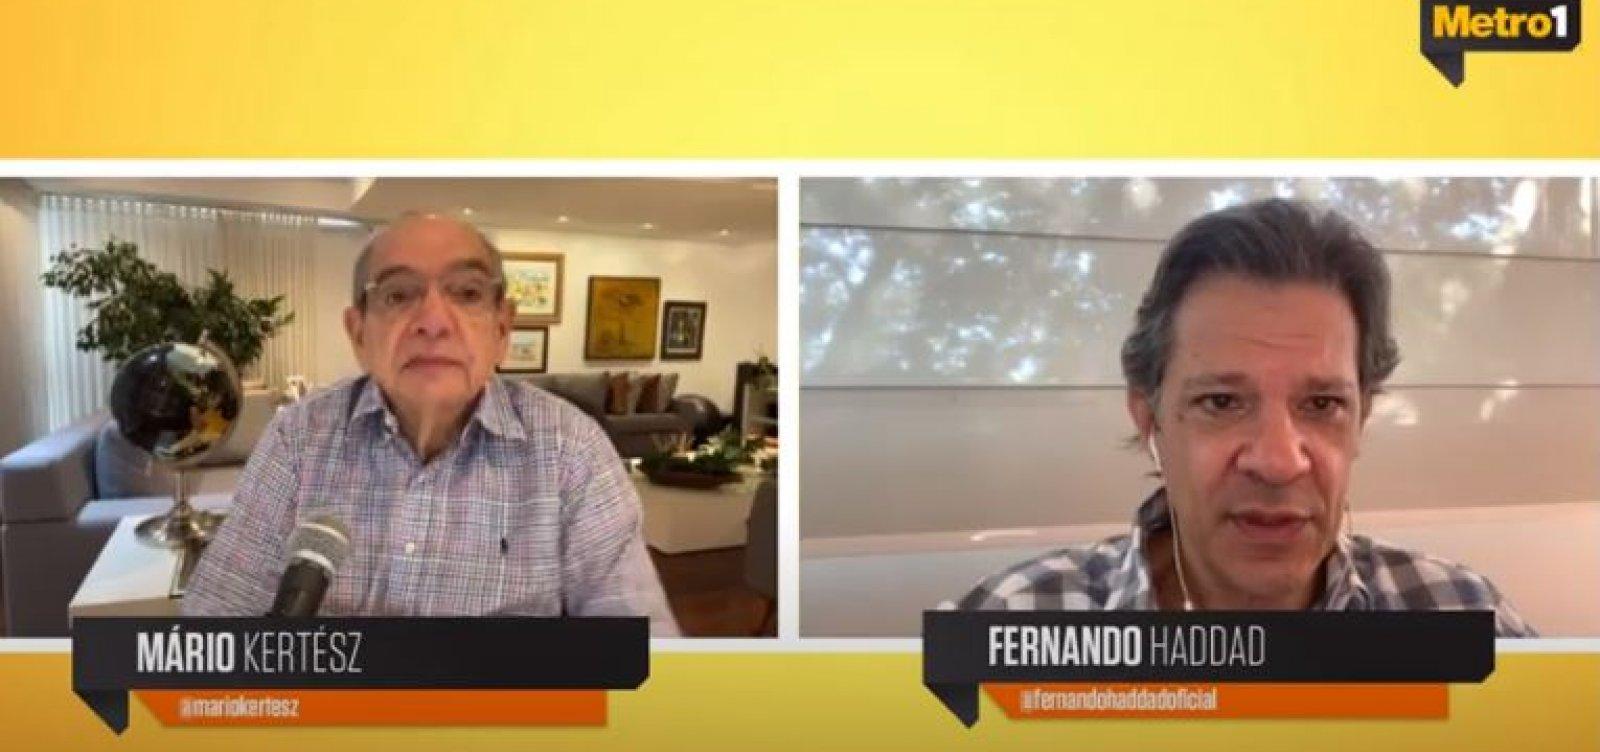 País está 'refém' de especuladores da Faria Lima, avalia Fernando Haddad